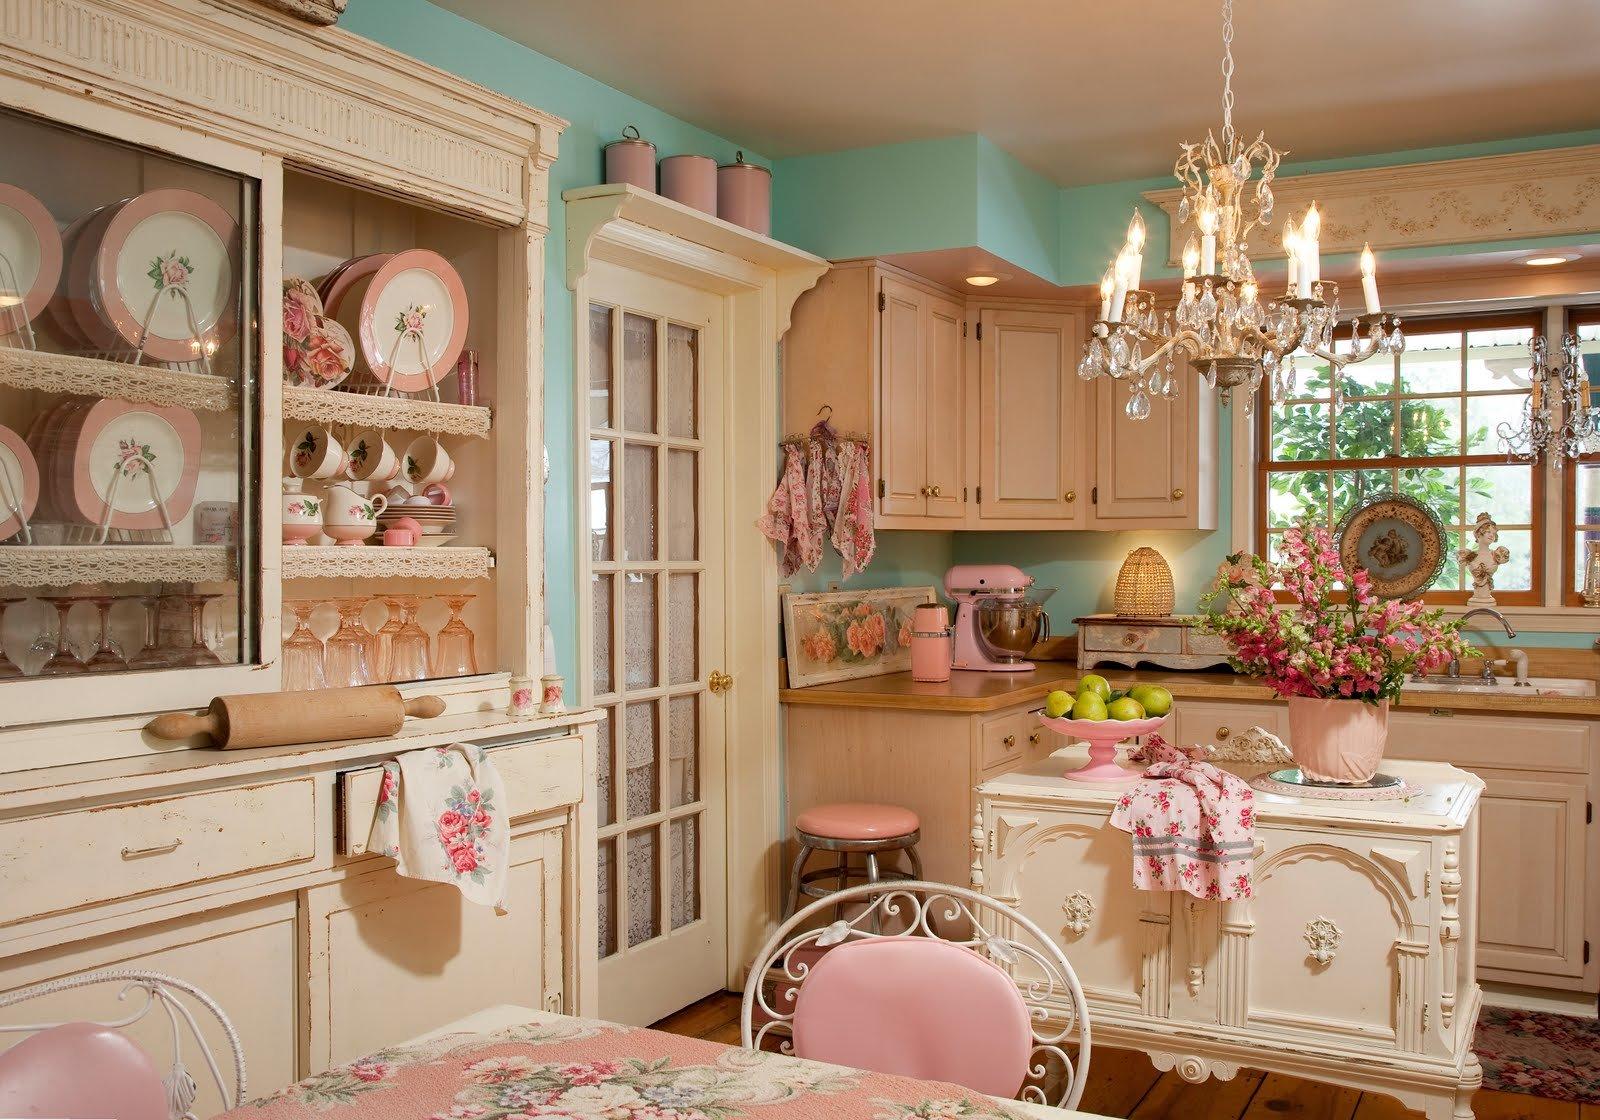 Habitación 300: Viaje a la cocina y despliegue de planes para ...